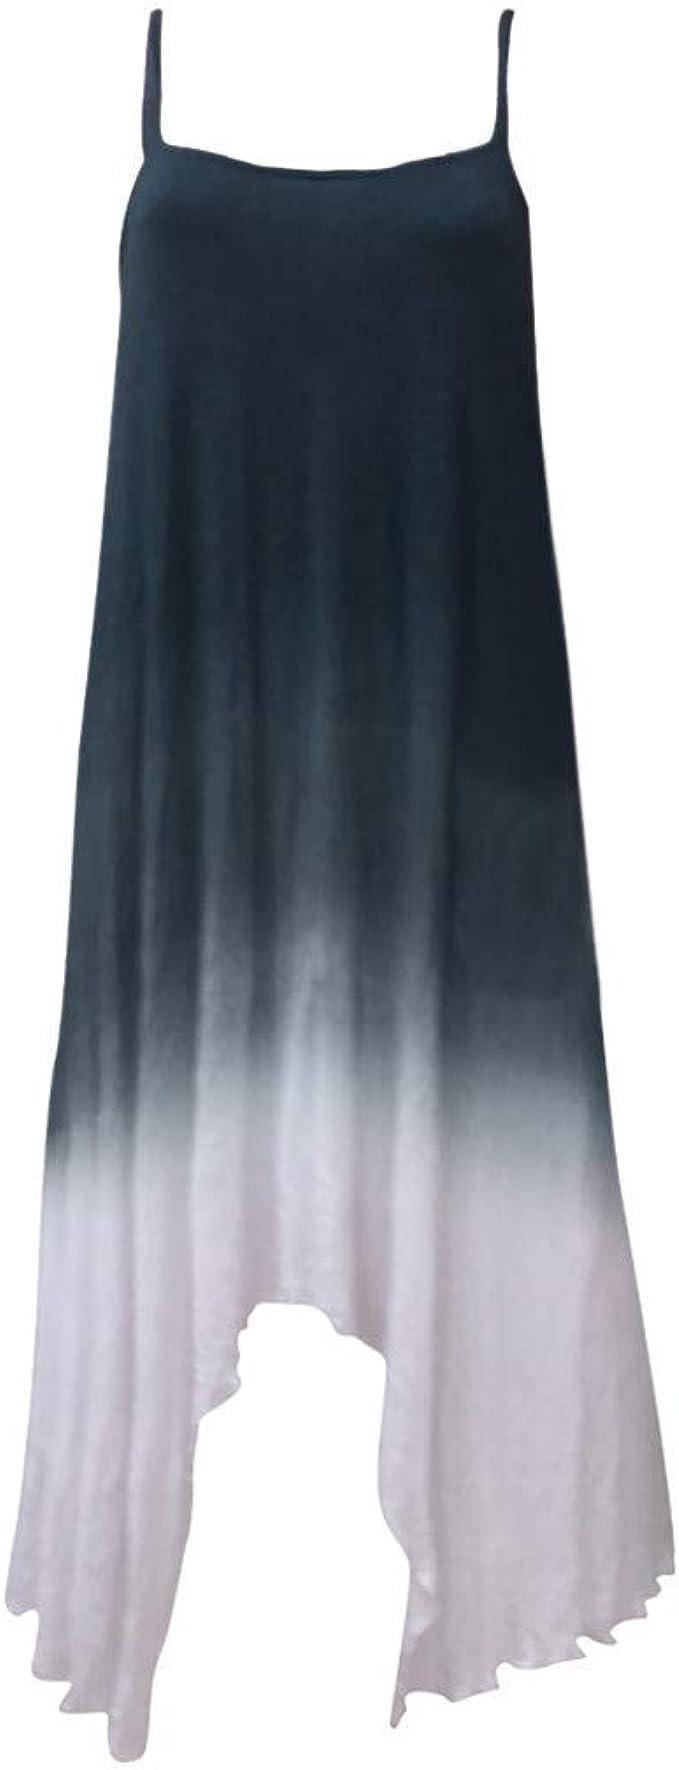 VEMOW Faldas Mujer Vestido sin Espalda de la Moda del Vestido sin ...